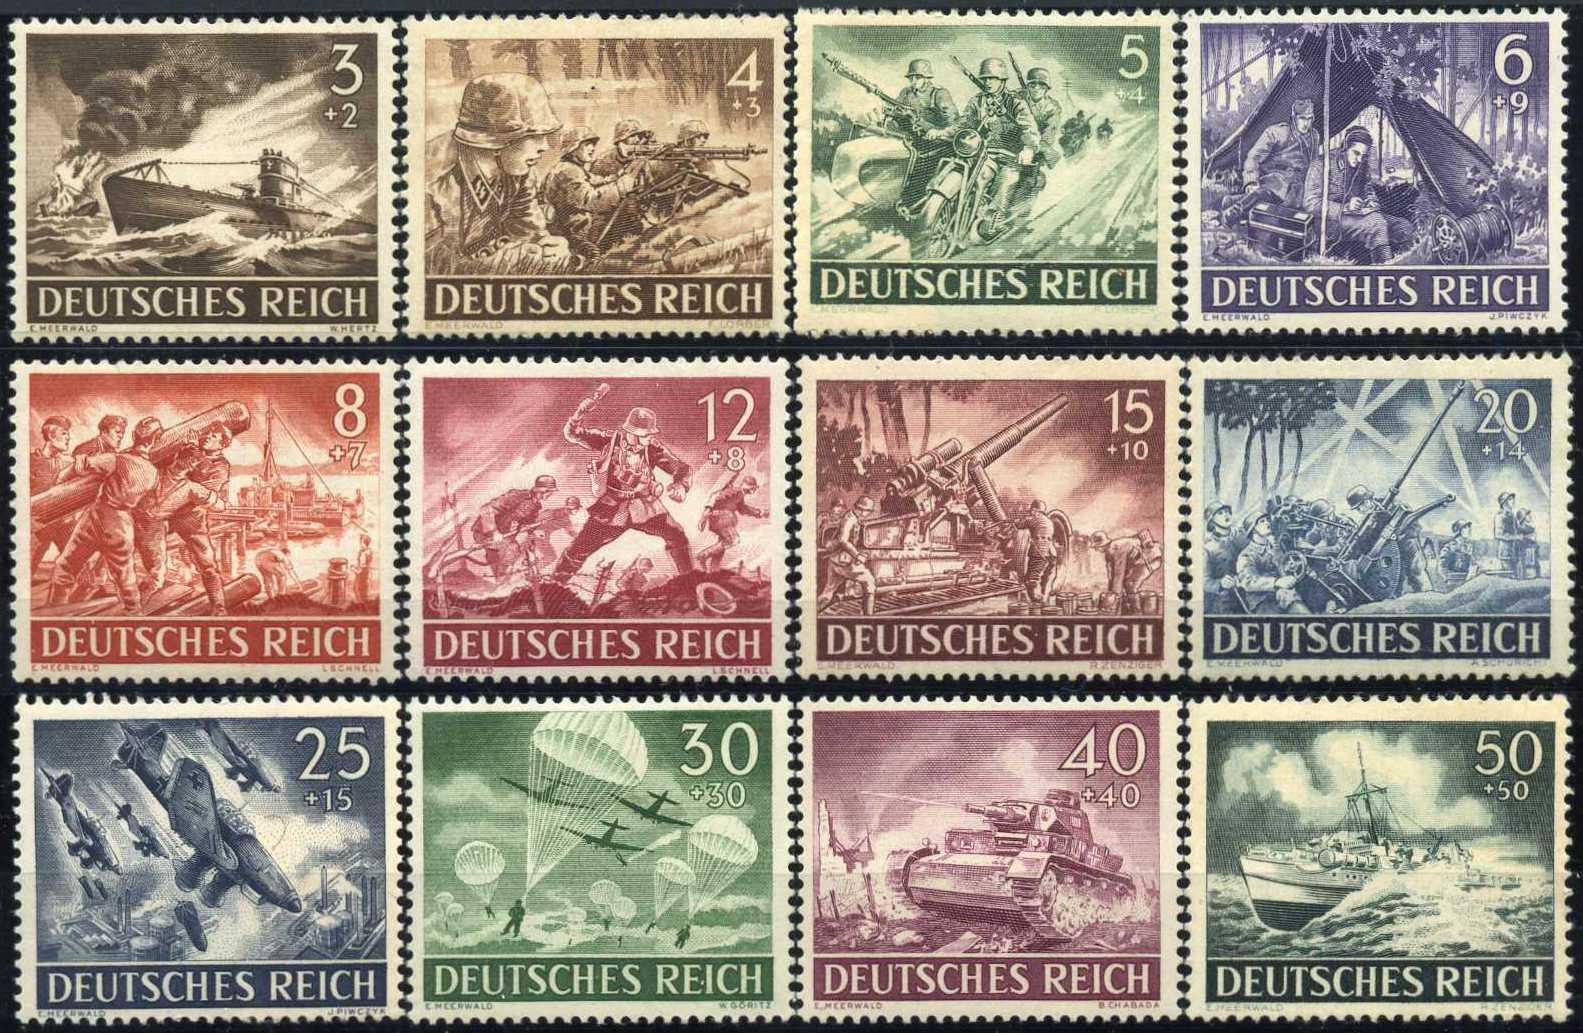 Сколько марок нужно на открытку в германию 10